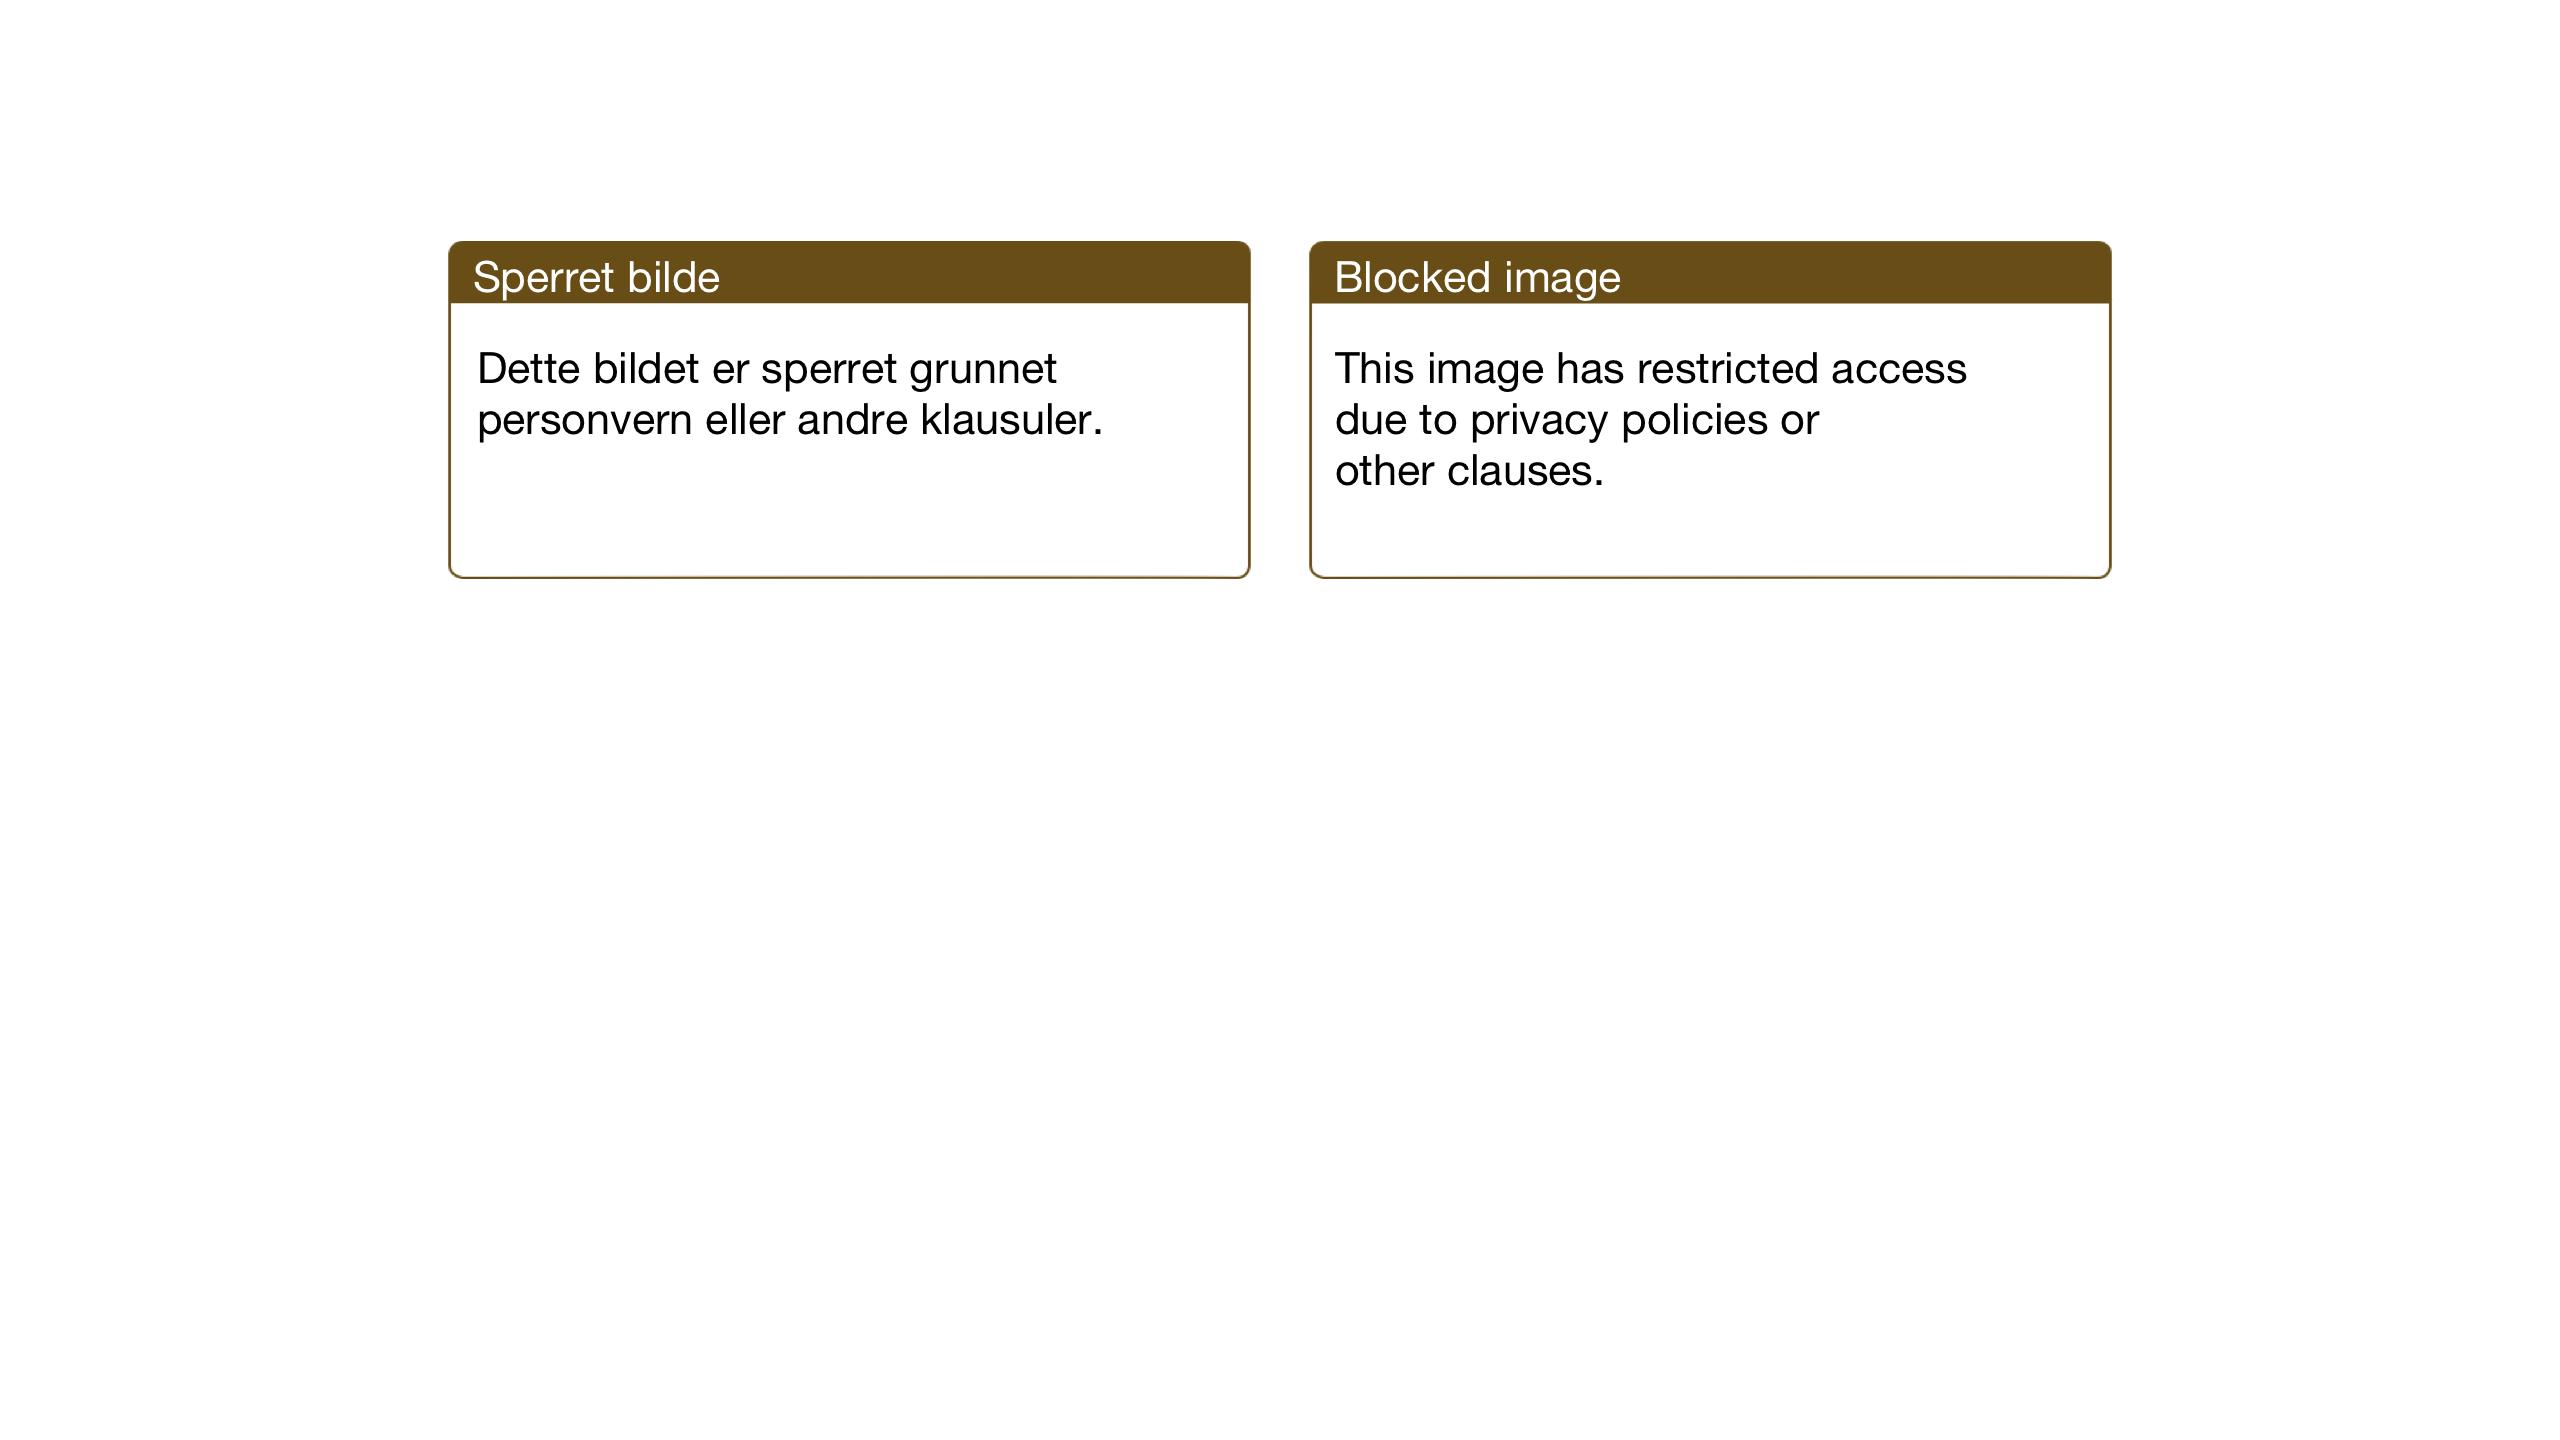 SAT, Ministerialprotokoller, klokkerbøker og fødselsregistre - Nord-Trøndelag, 722/L0227: Klokkerbok nr. 722C03, 1928-1958, s. 127